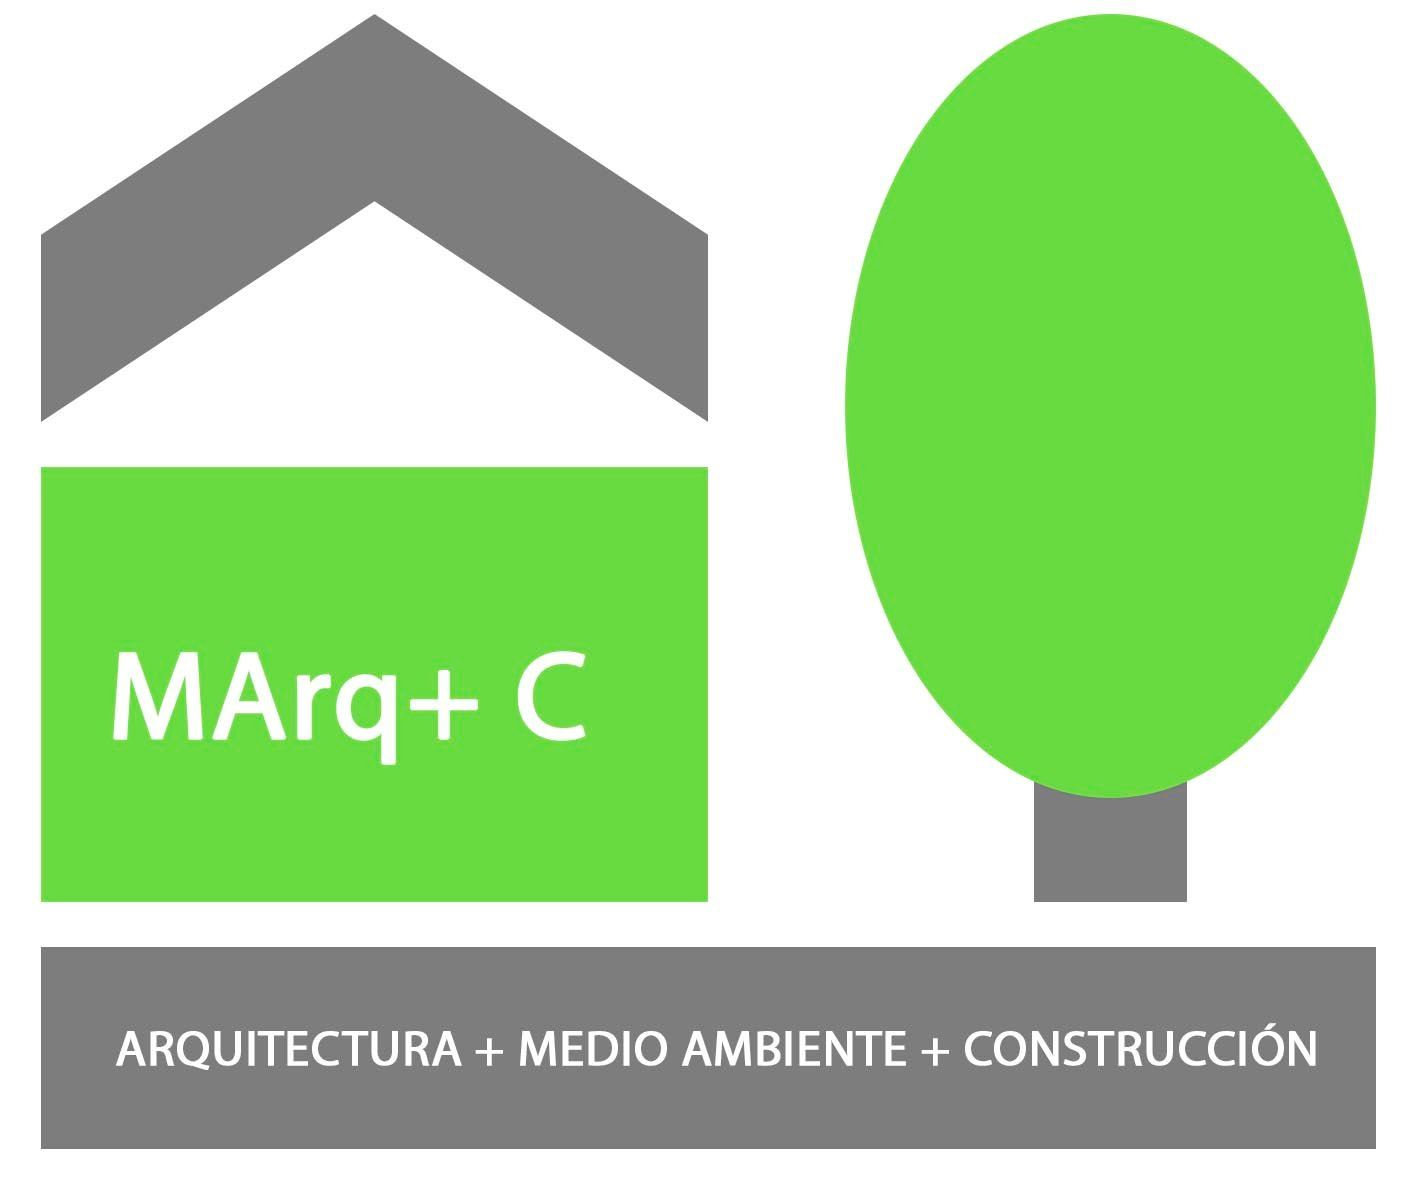 Consultora y Constructora MArq+C Ltda